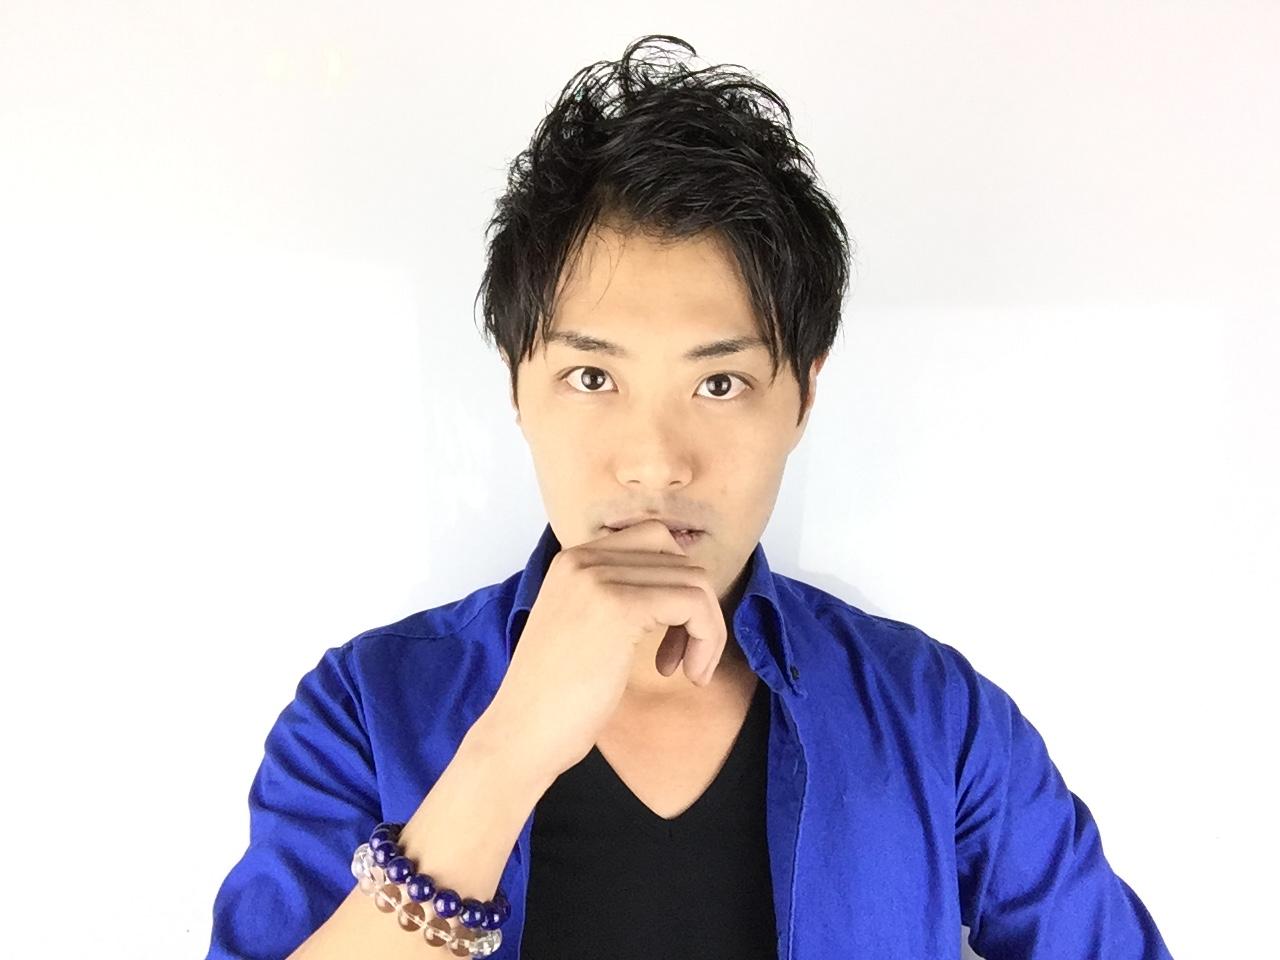 菊田 慎也-KIKUDA SHINYA